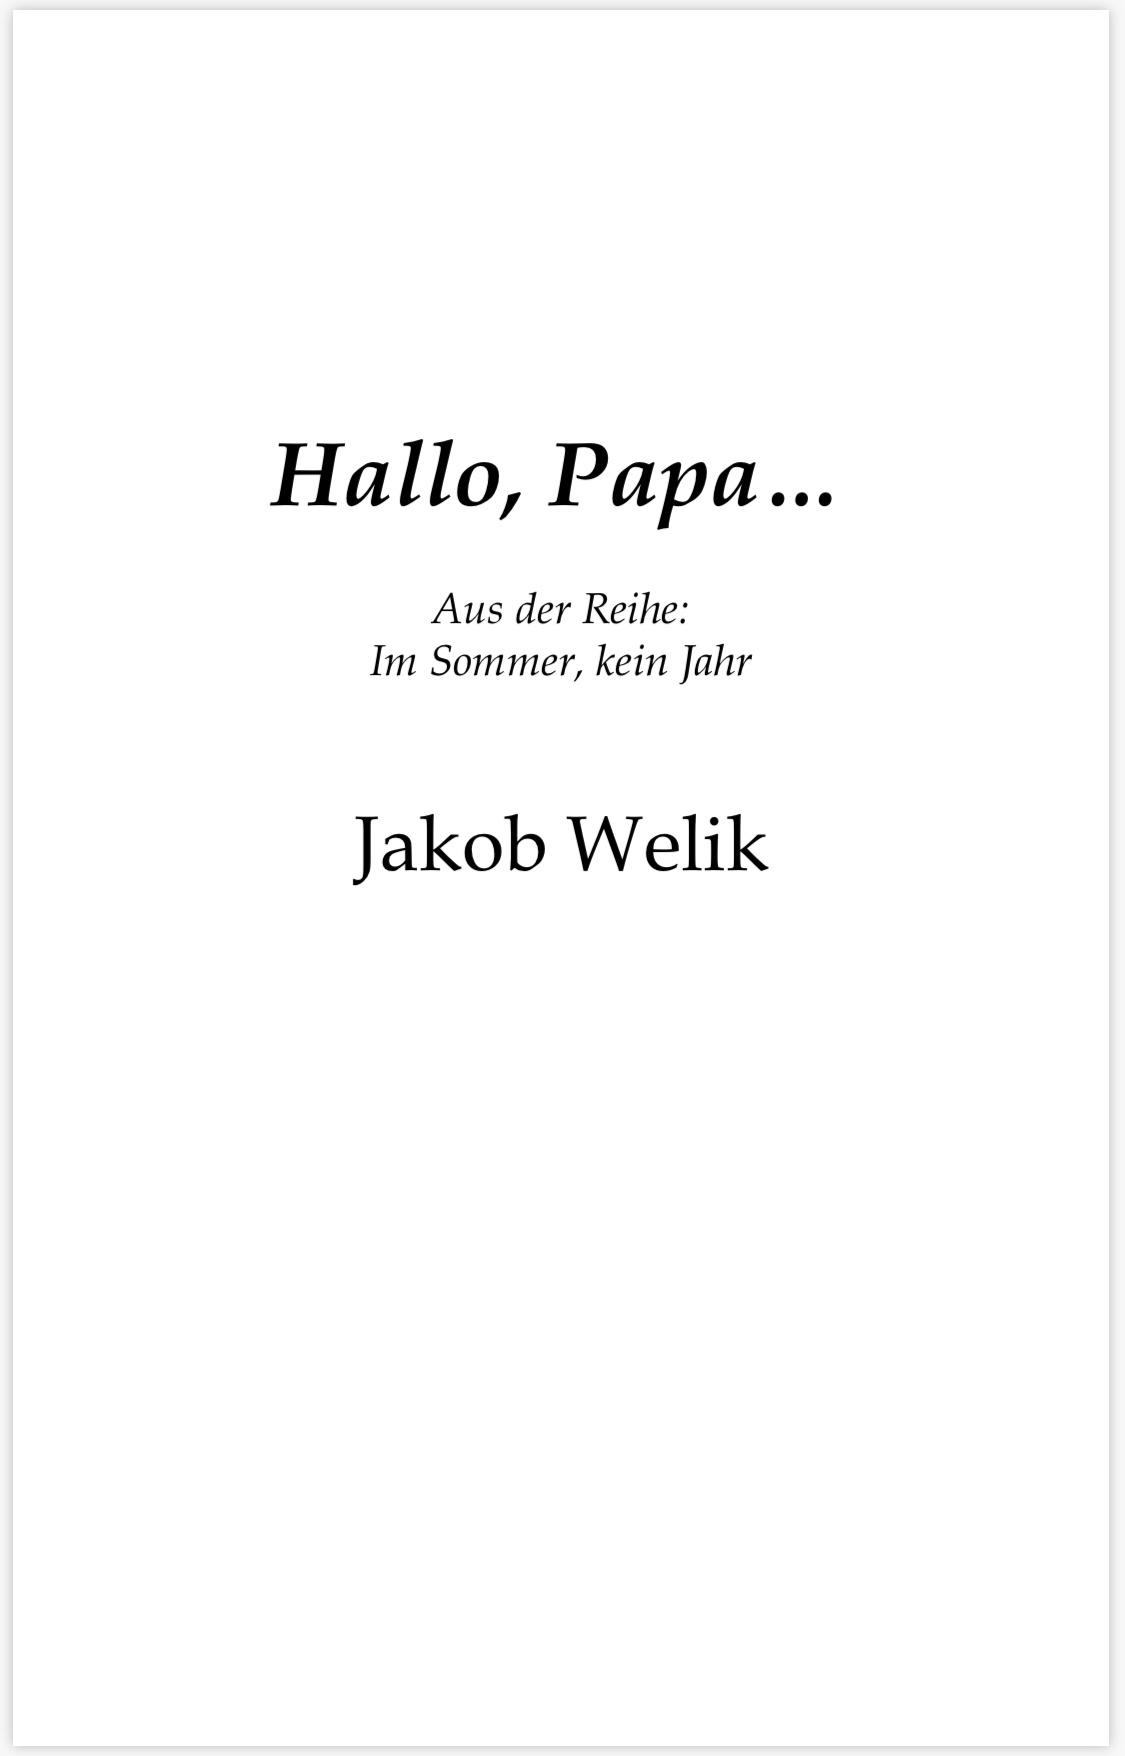 Hallo Papa, … Im Sommer, kein Jahr| Review[Kooperation]